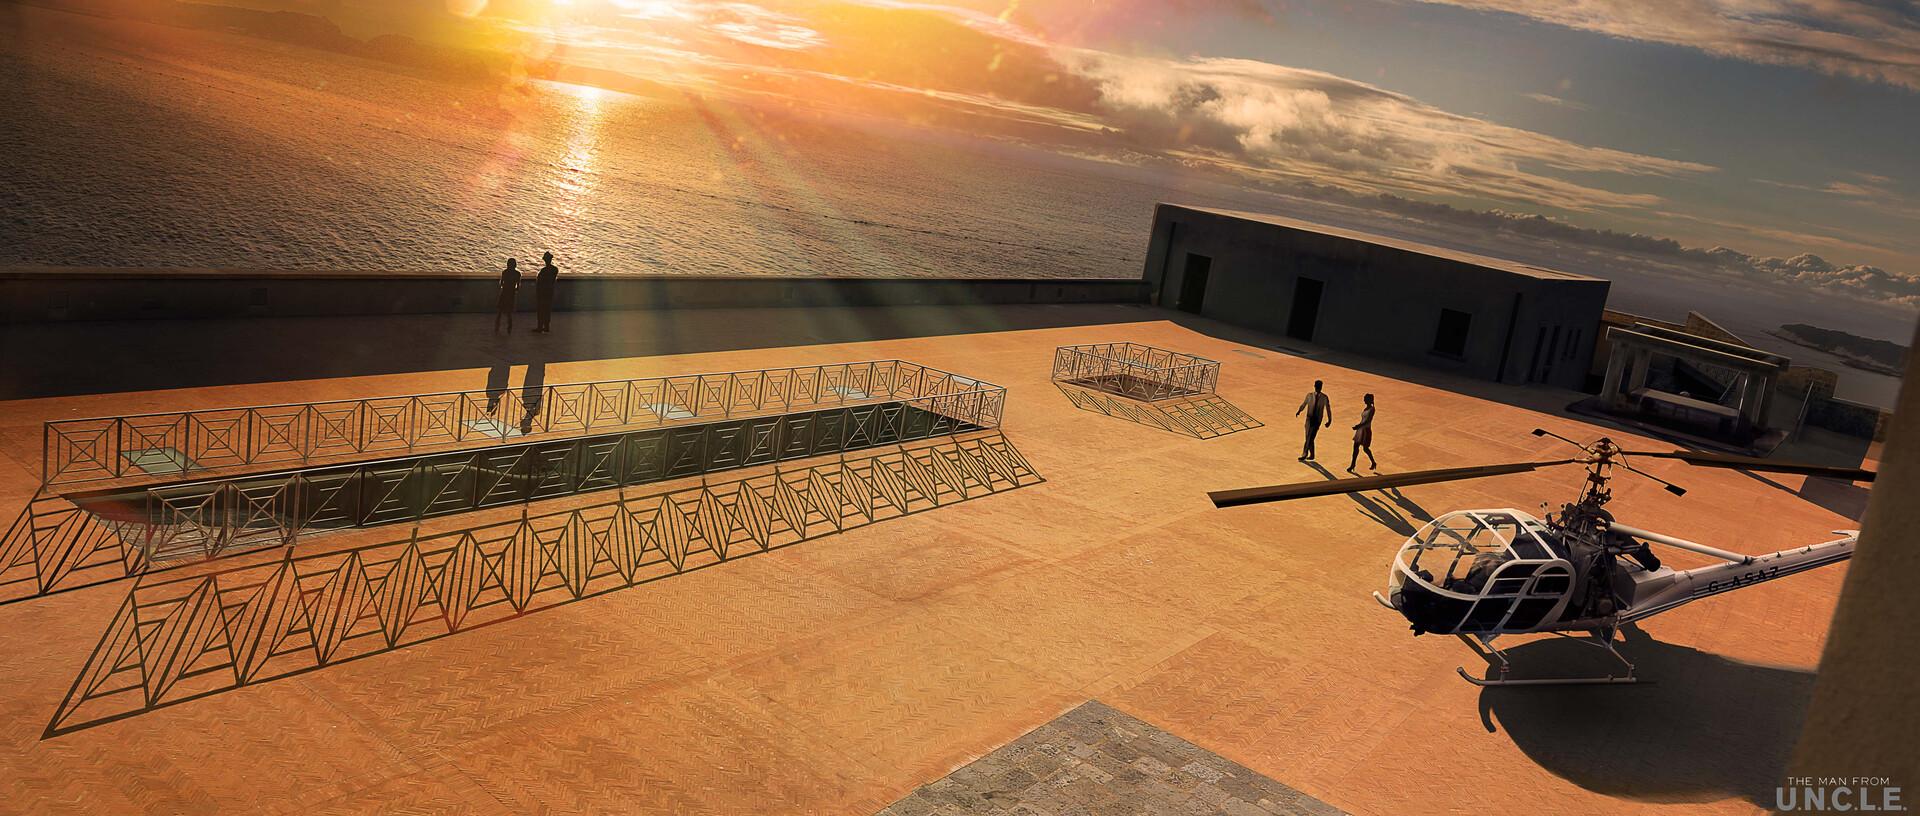 Kieran belshaw vinciguerra castle terrace v002 web